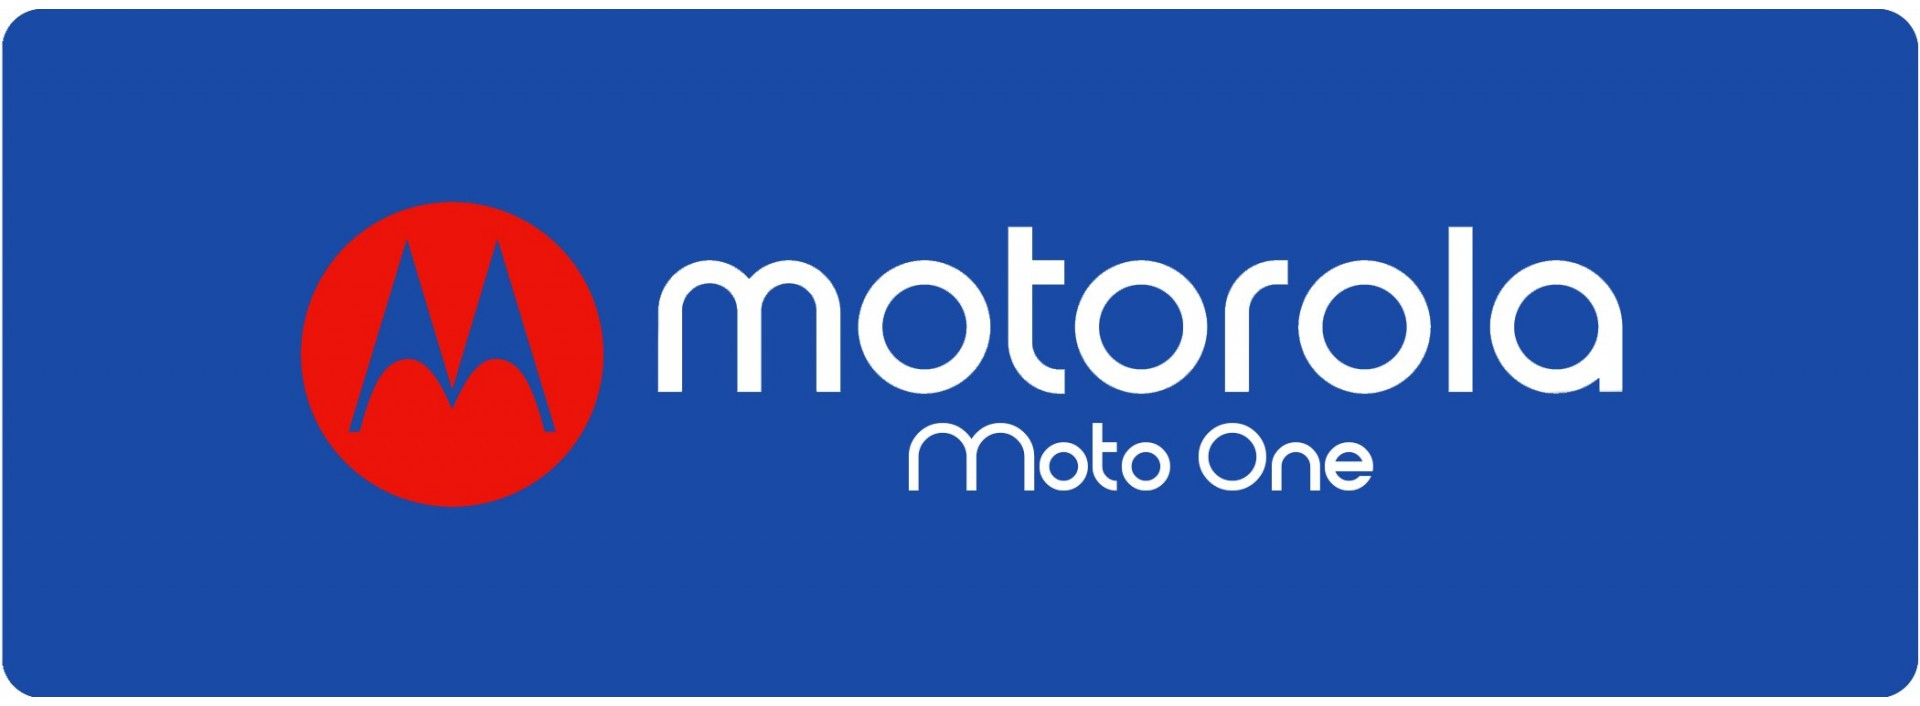 Fundas PERSONALIZADAS Motorola Familia Moto One, Envío Gratis en TMS